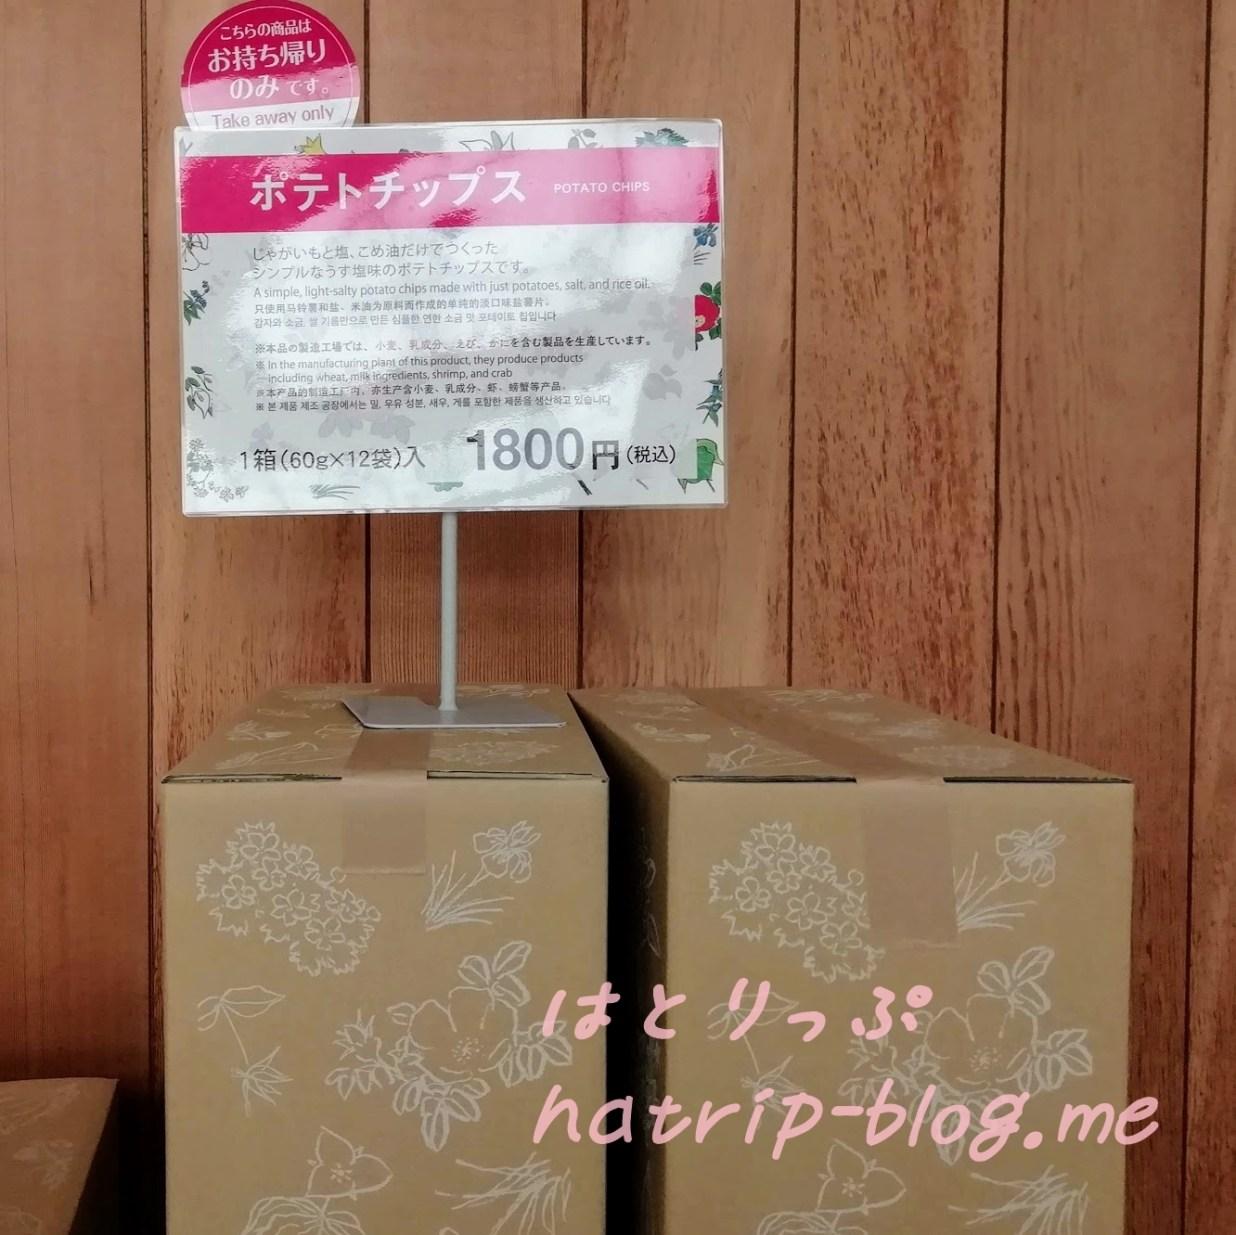 北海道 六花亭 札幌本店 店舗 お土産お菓子 ポテトチップス